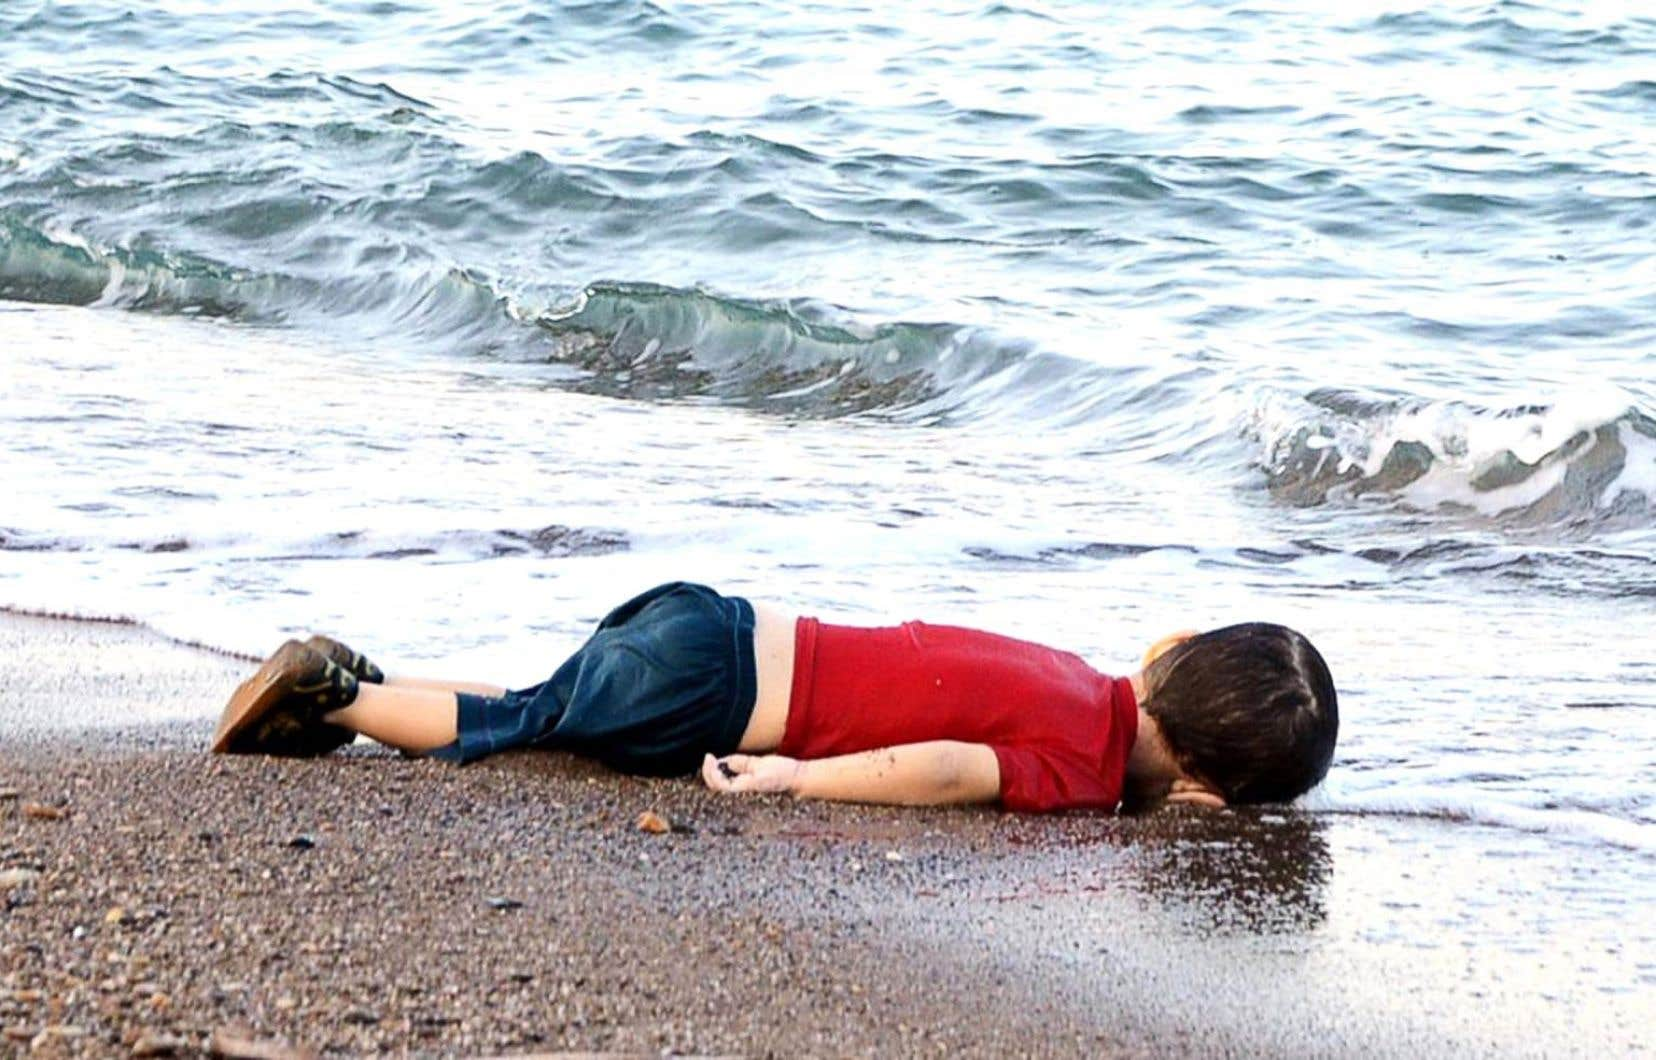 Le corps gisant sur une plage turque du petit Alan Kurdi, comme endormi, dans une sorte de quiétude troublante, a d'un coup ébranlé la passivité de l'Occident face à une crise humanitaire sans précédent.